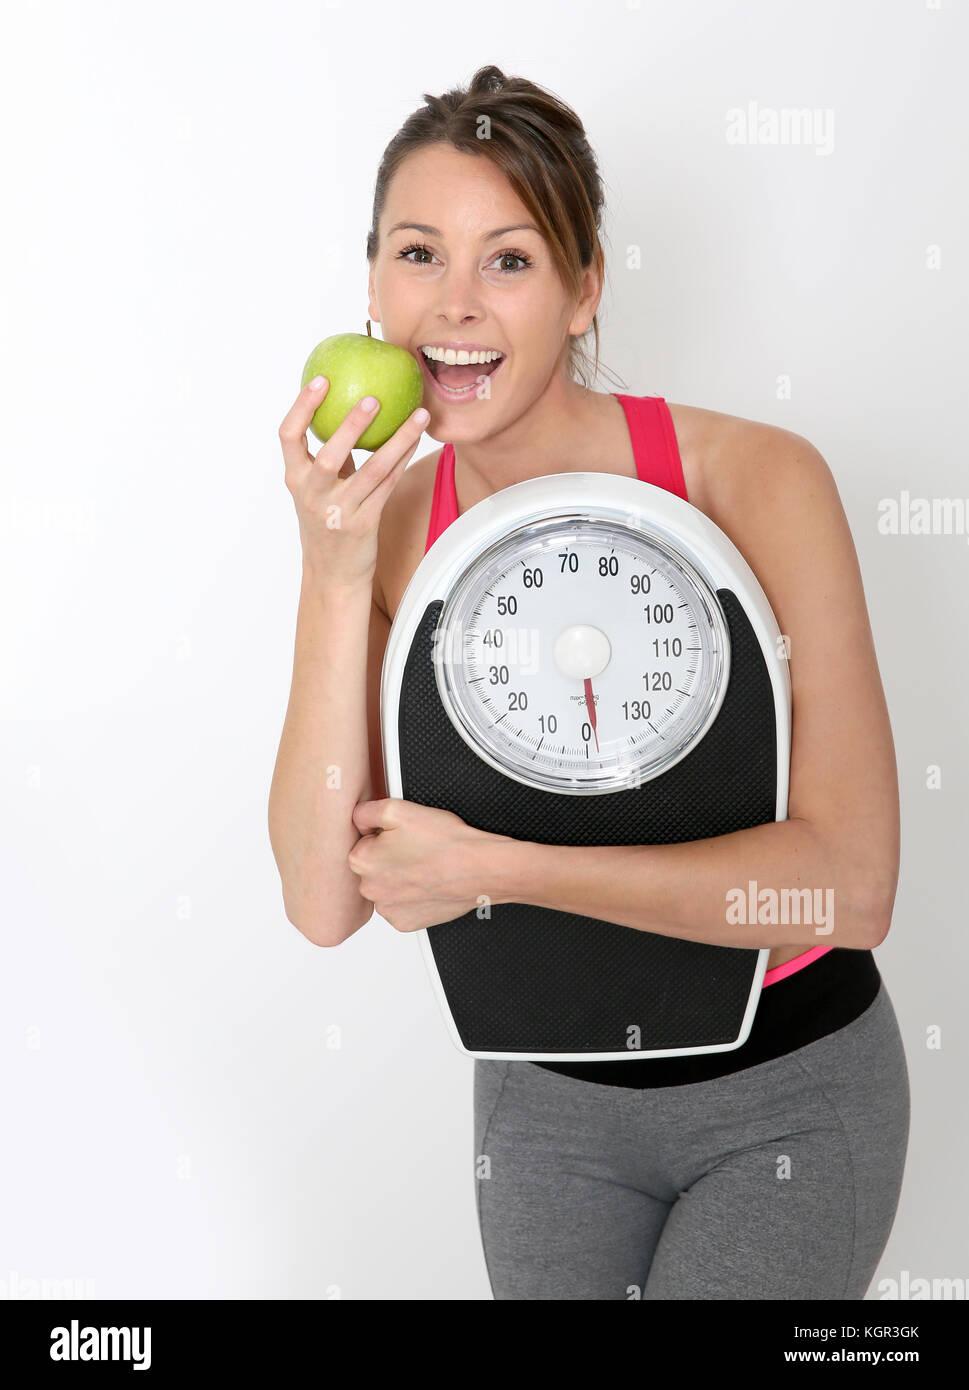 Cheerful girl en tenue de remise en forme et l'échelle holding green apple Photo Stock